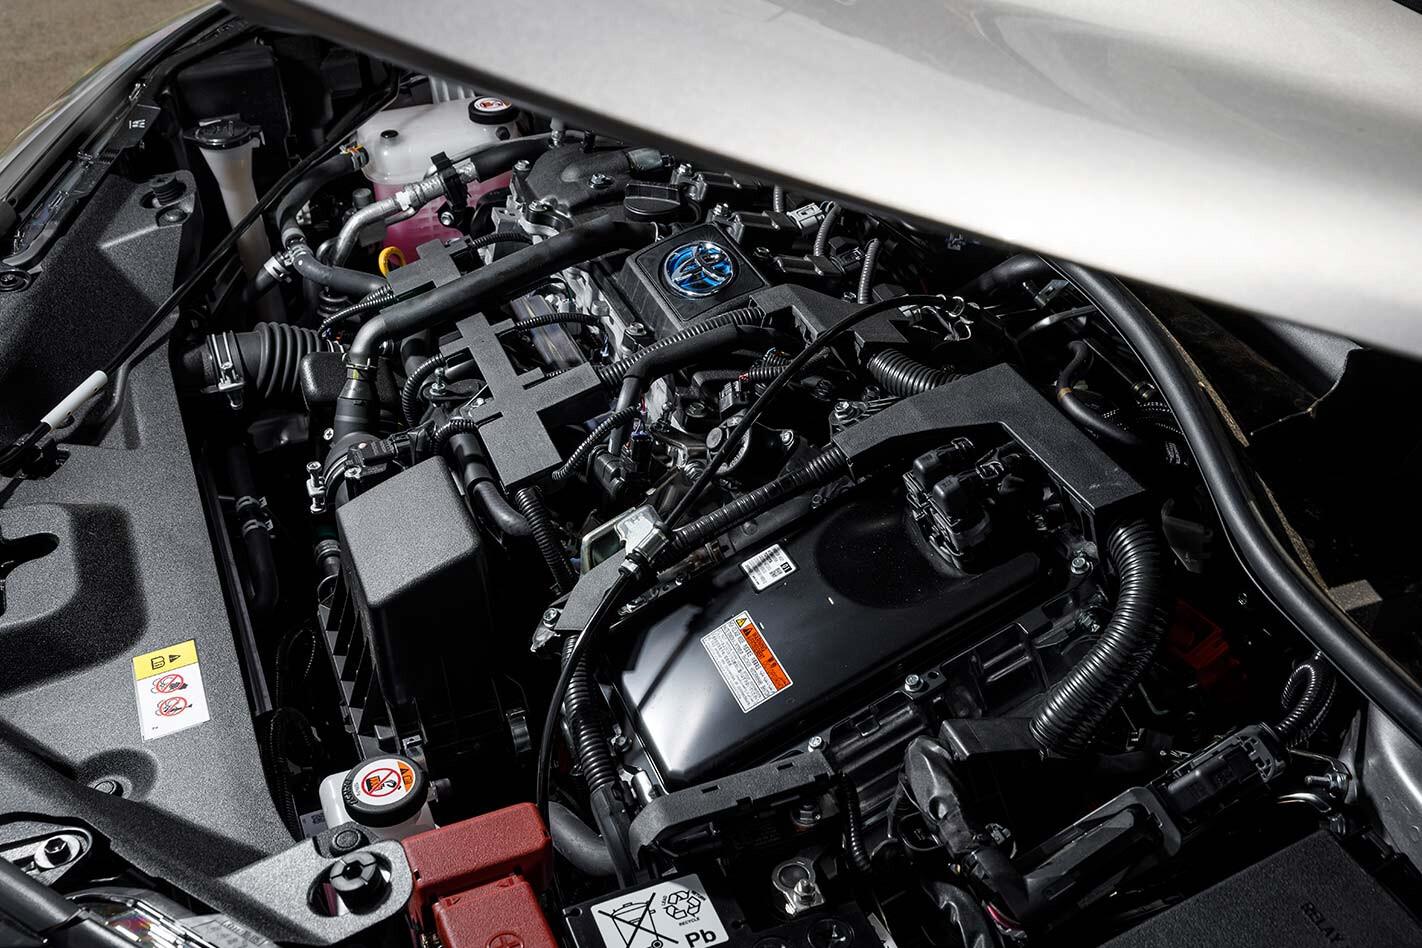 Toyota C-HR engine bay